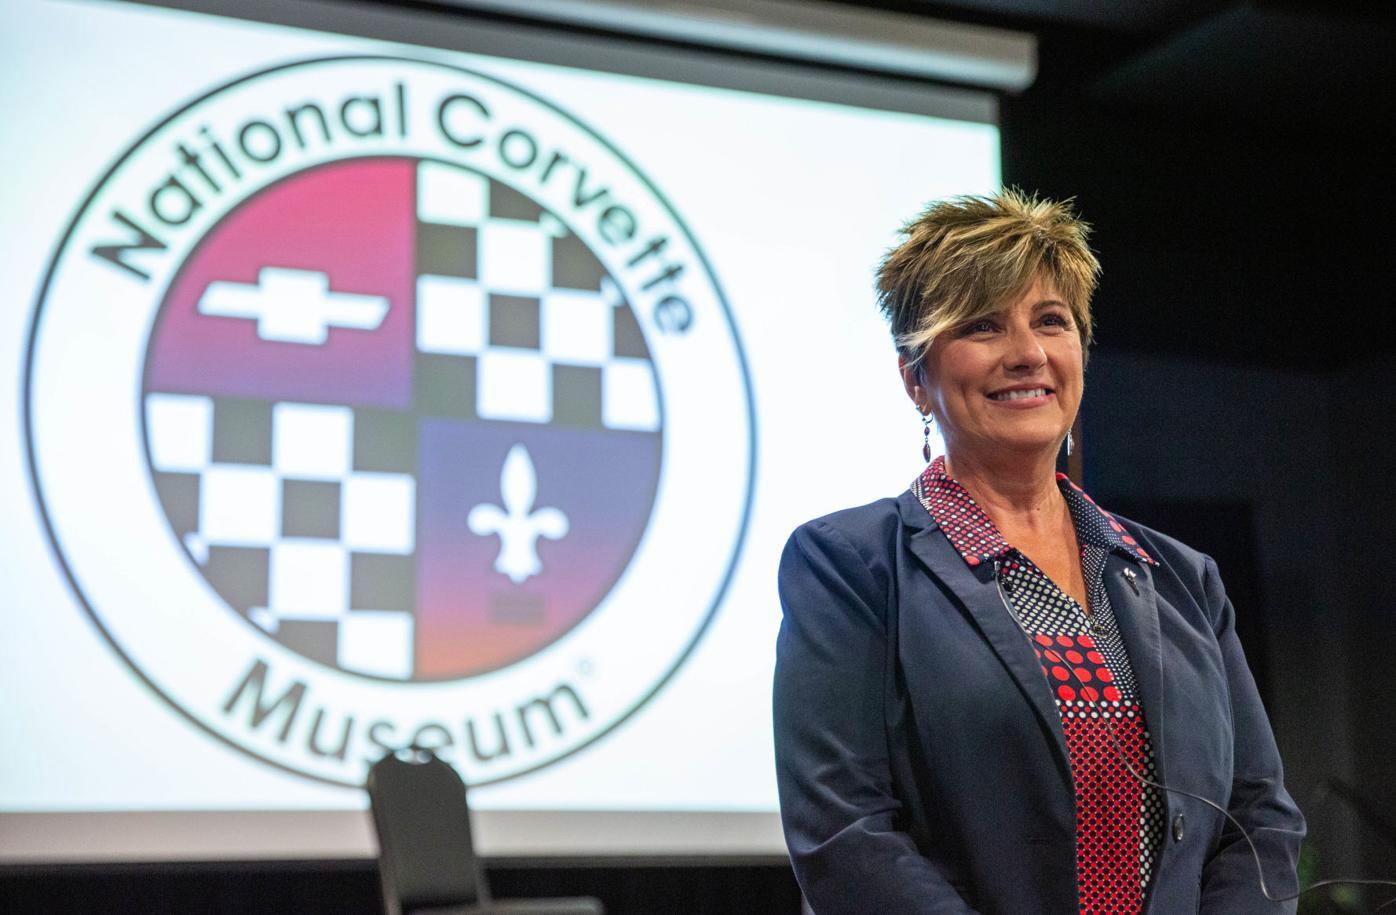 sharon-brawner-national-corvette-museum.jpg